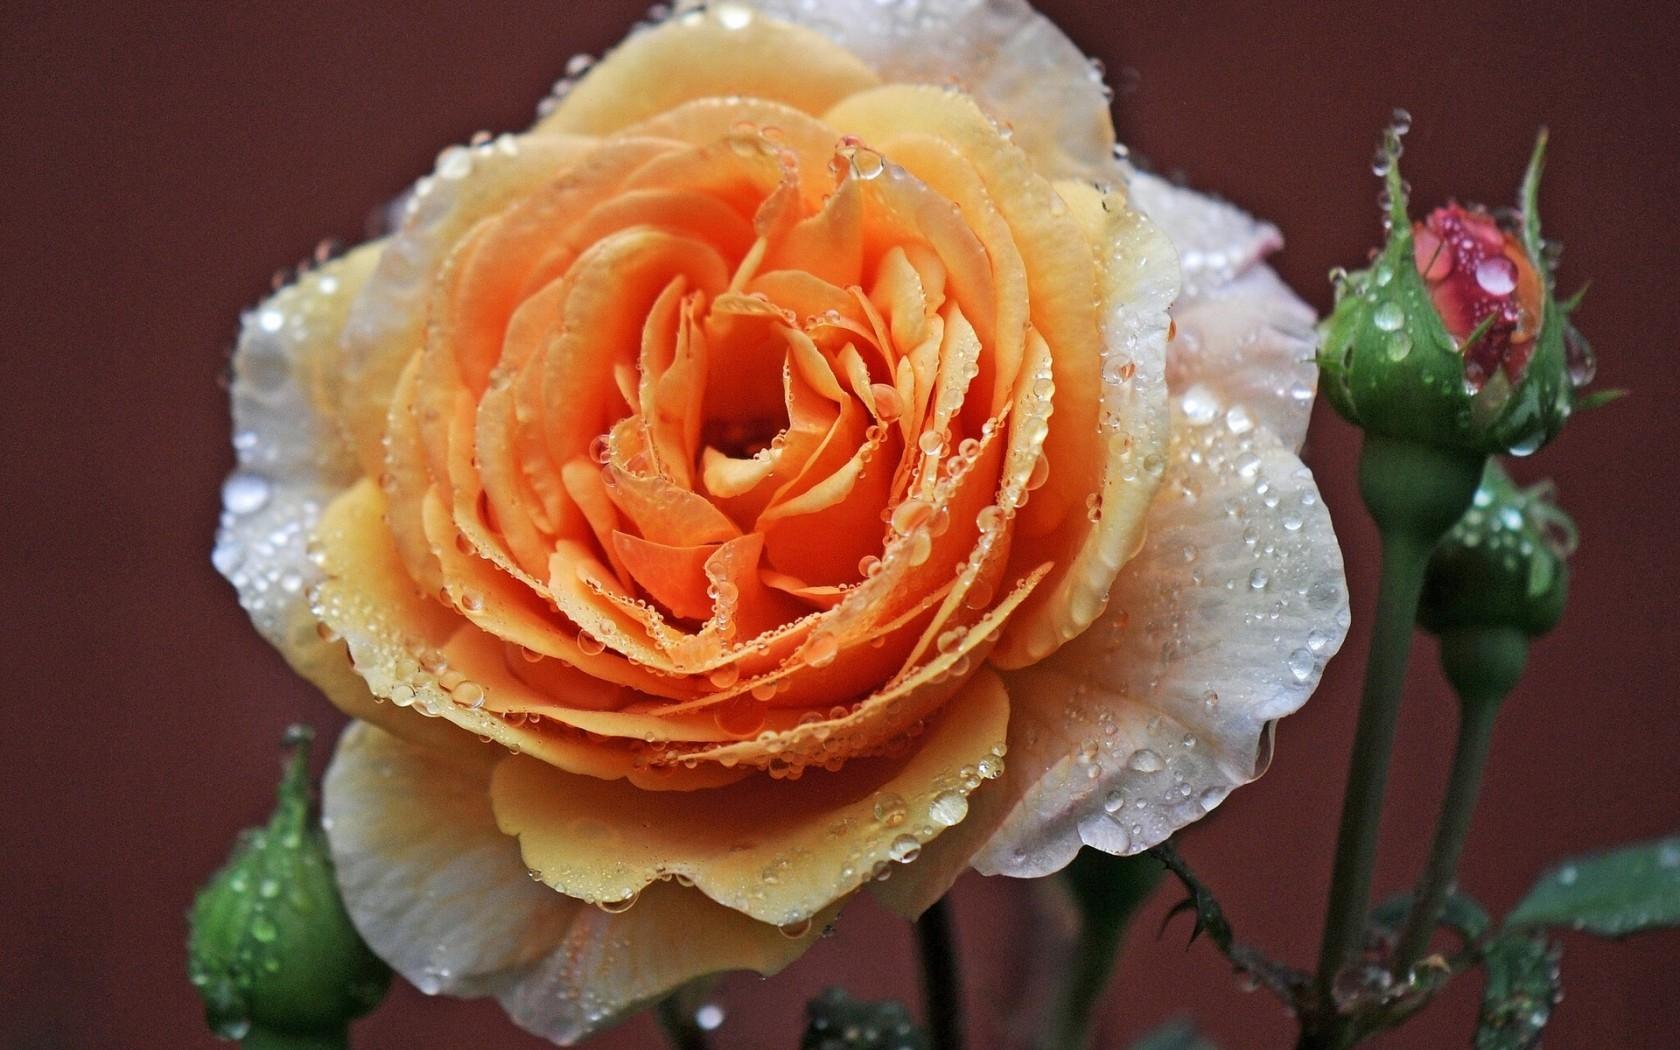 дошкольником, открытка одна крупная роза передавать чертежи